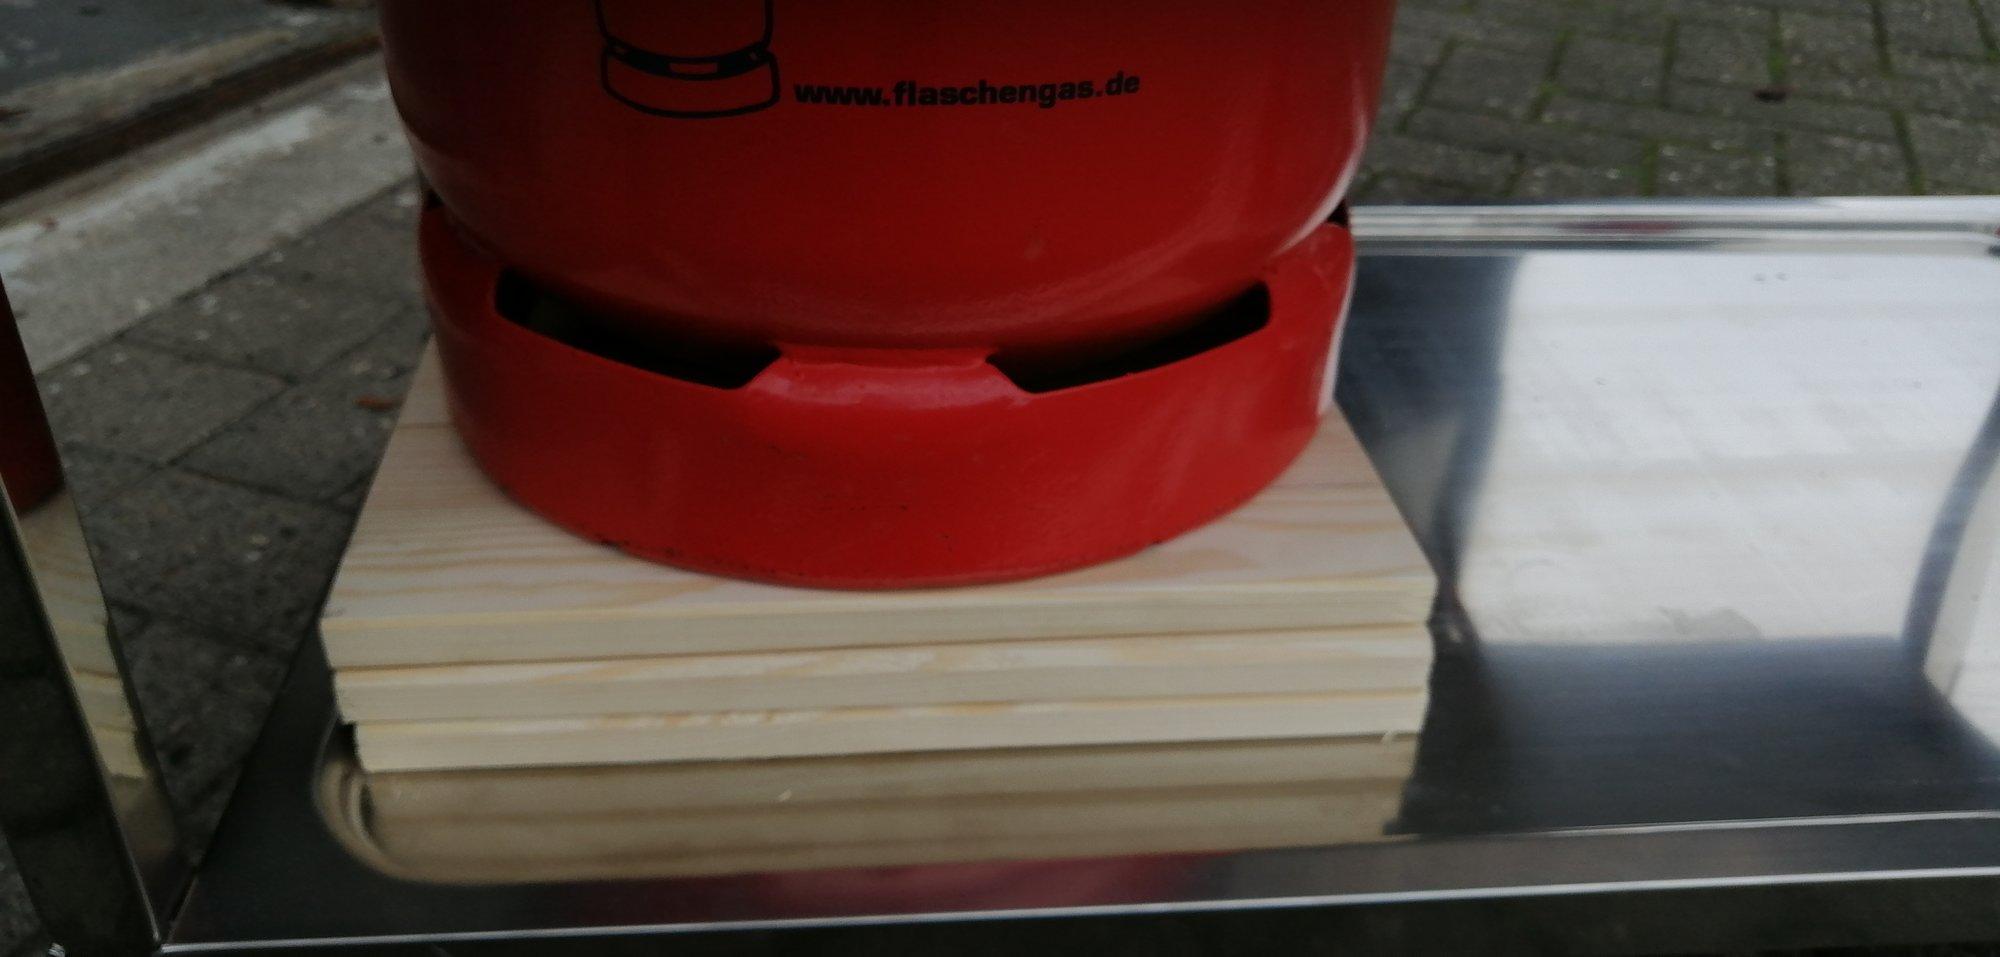 Beefer Holzunterlage.jpg